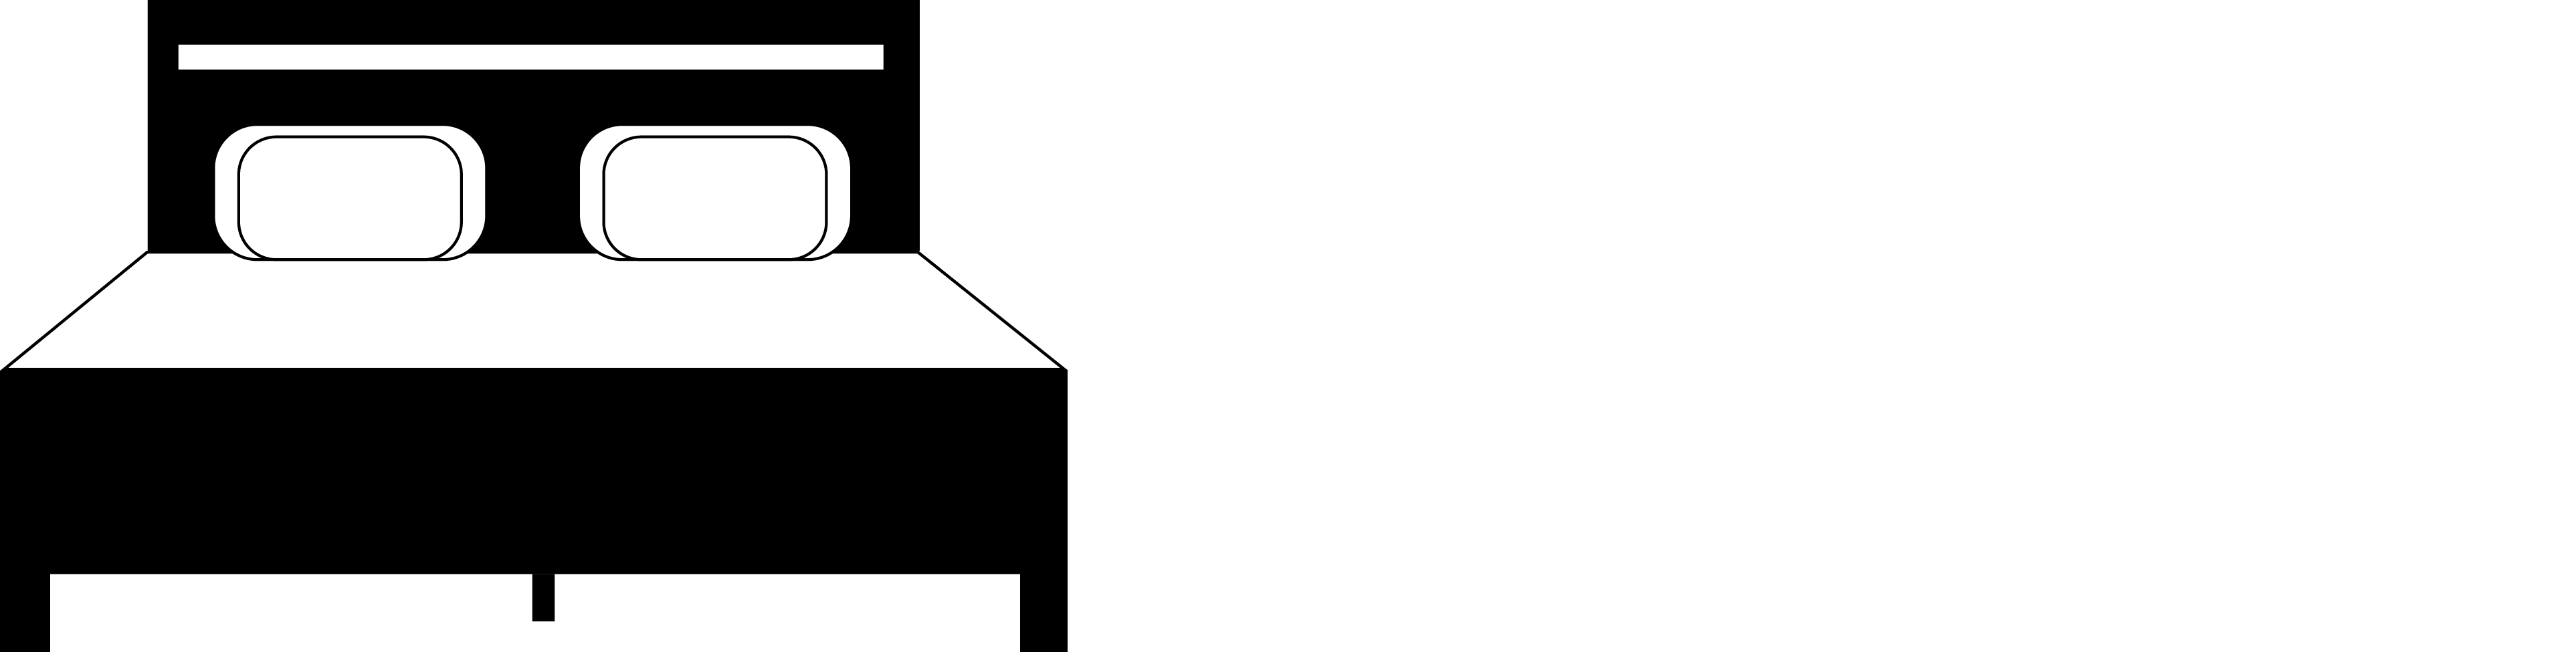 Matracpedia – a matrac enciklopédia